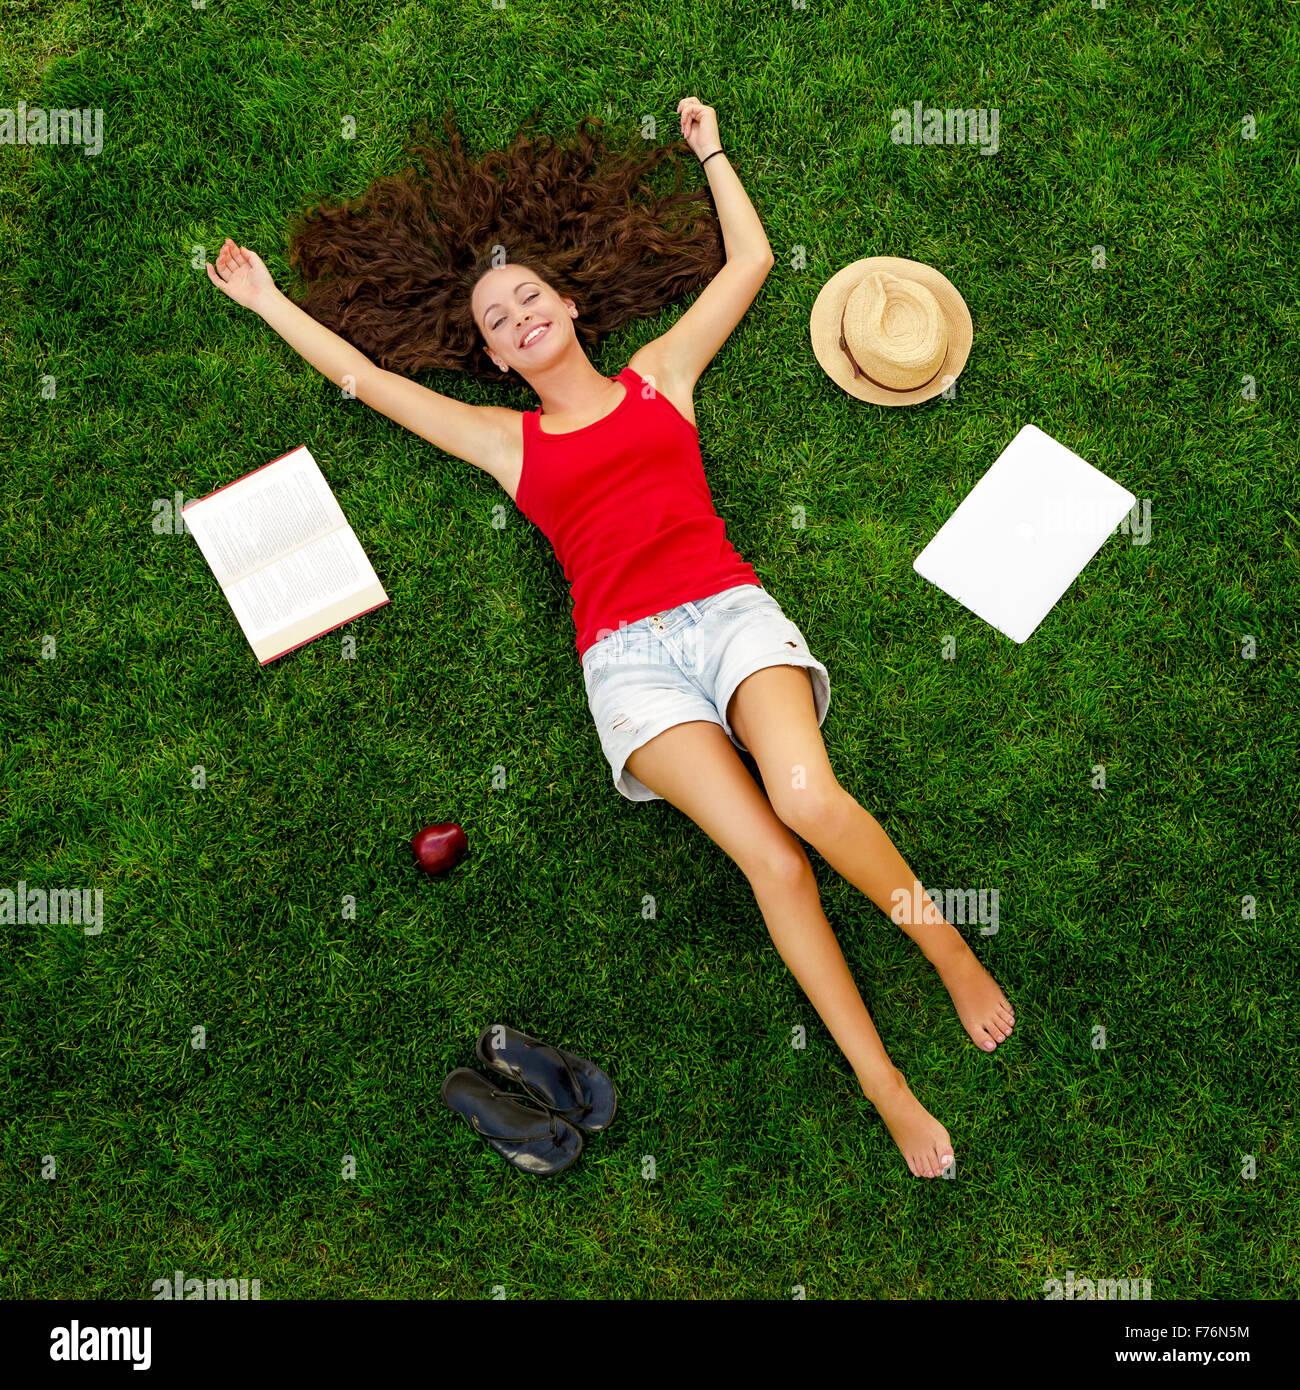 Bella e felice giovane donna sdraiati sull'erba Immagini Stock